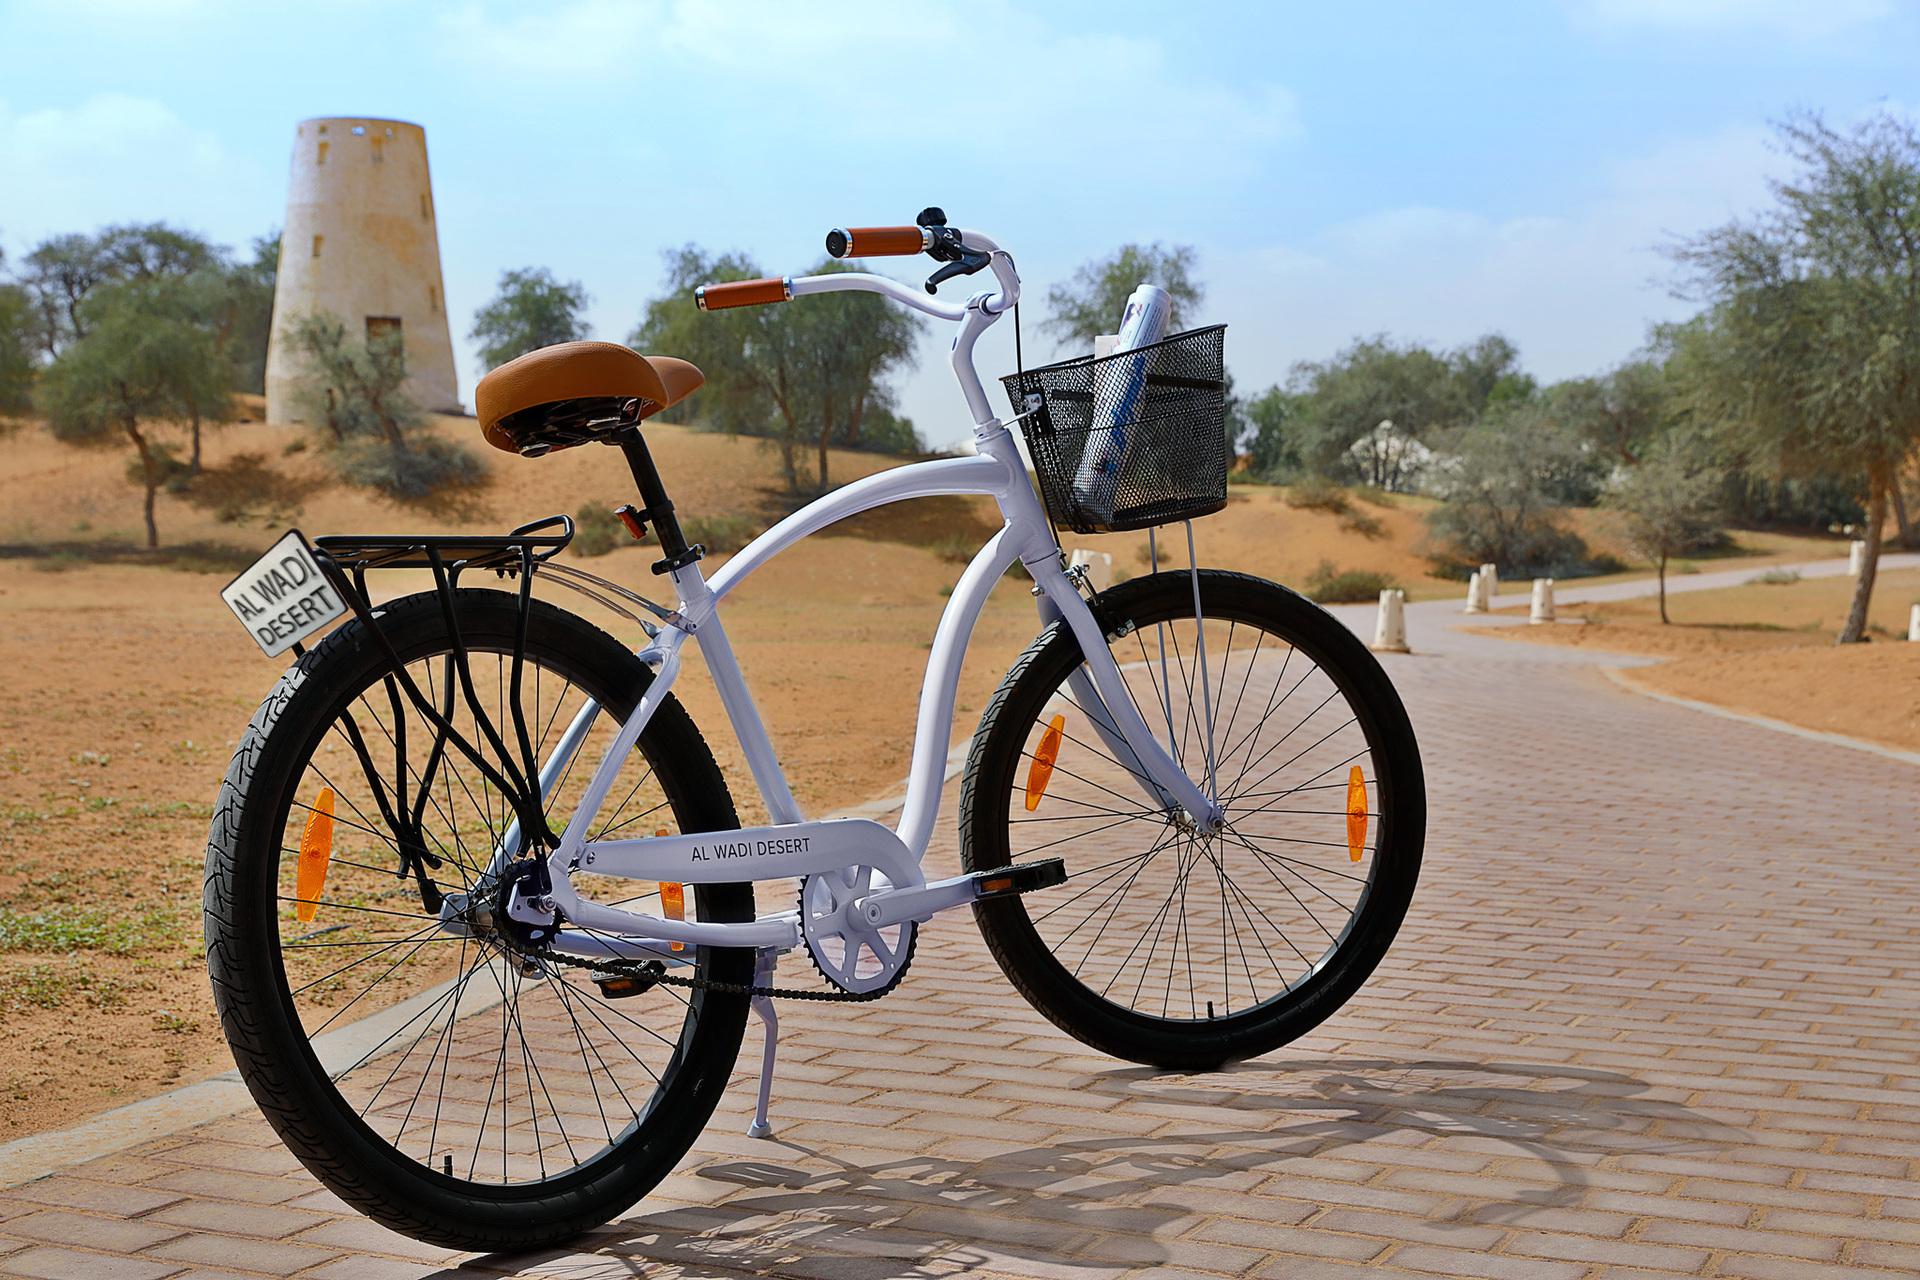 Готель надає безкоштовні велосипеди для усієї сім'ї.